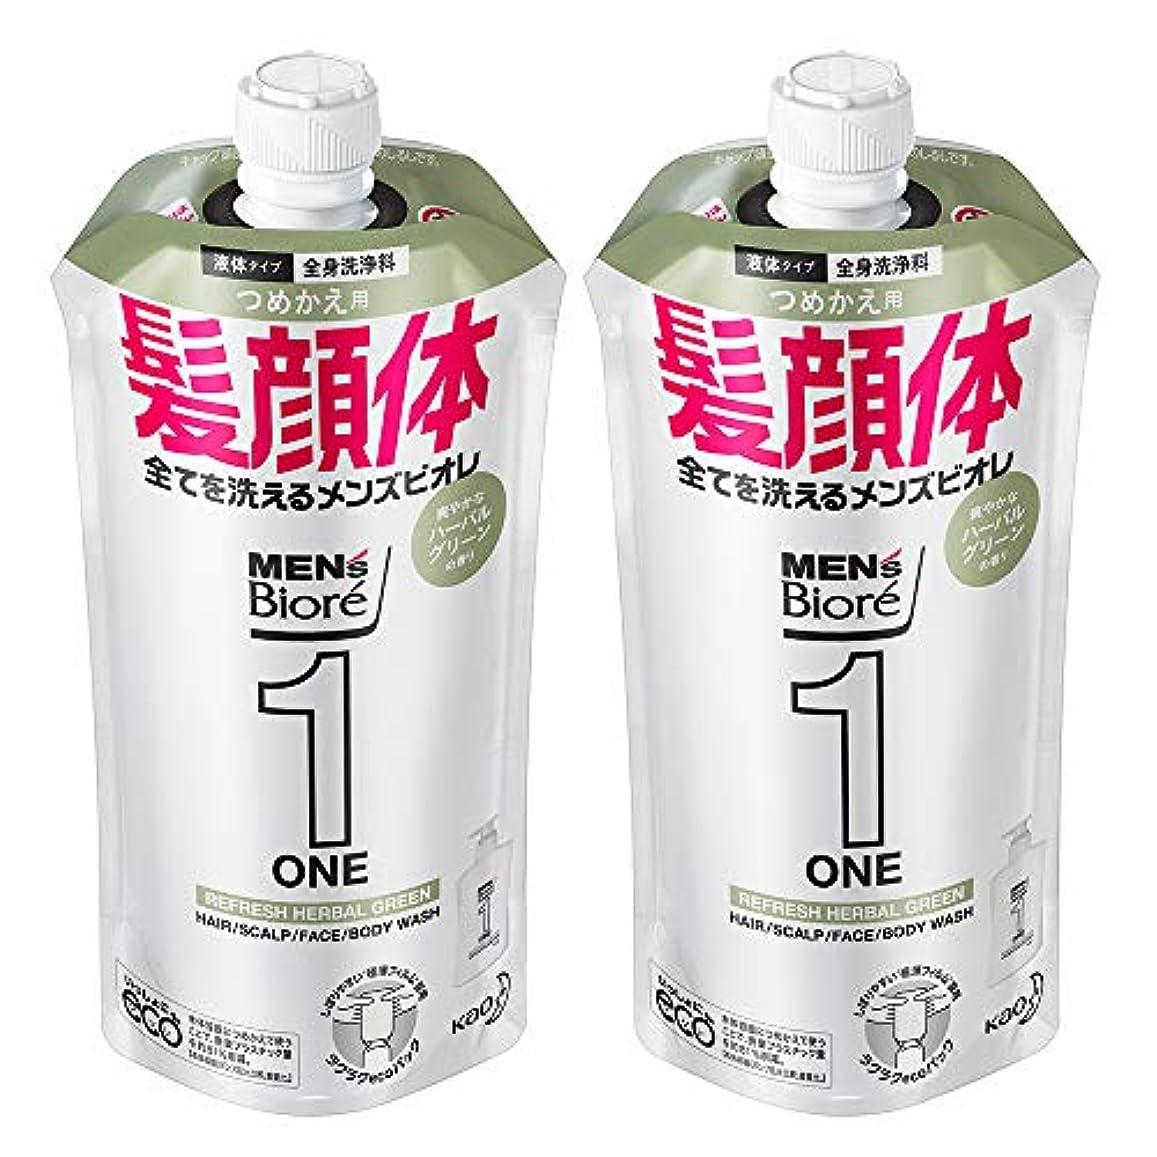 世辞さわやかスローガン【まとめ買い】メンズビオレ ONE オールインワン全身洗浄料 ハーバルグリーンの香り つめかえ用 340ml×2個